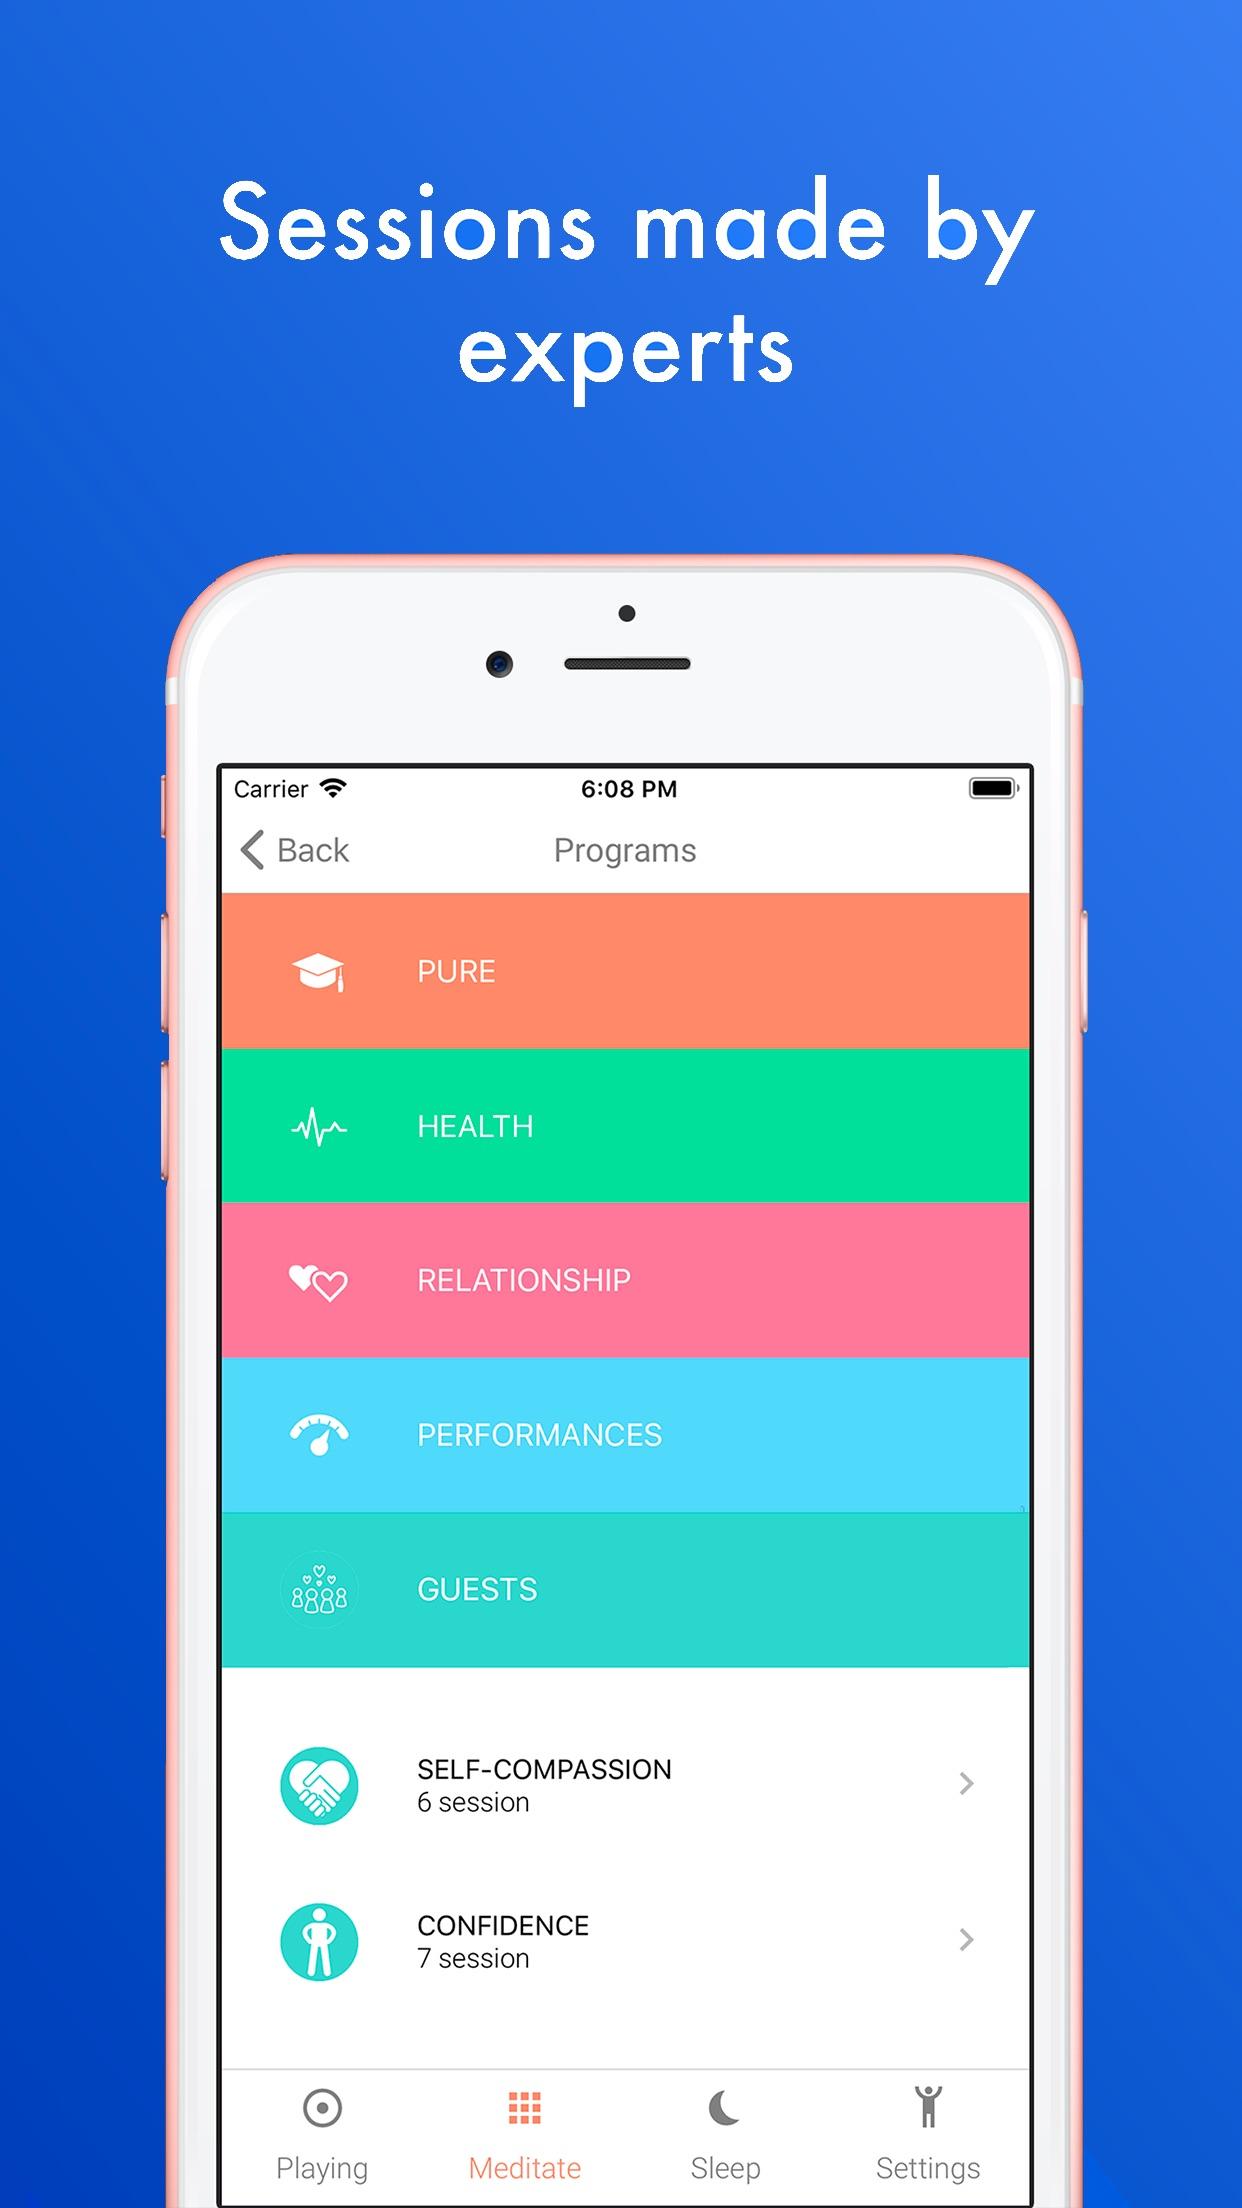 Namatata, Meditation & Sleep Screenshot